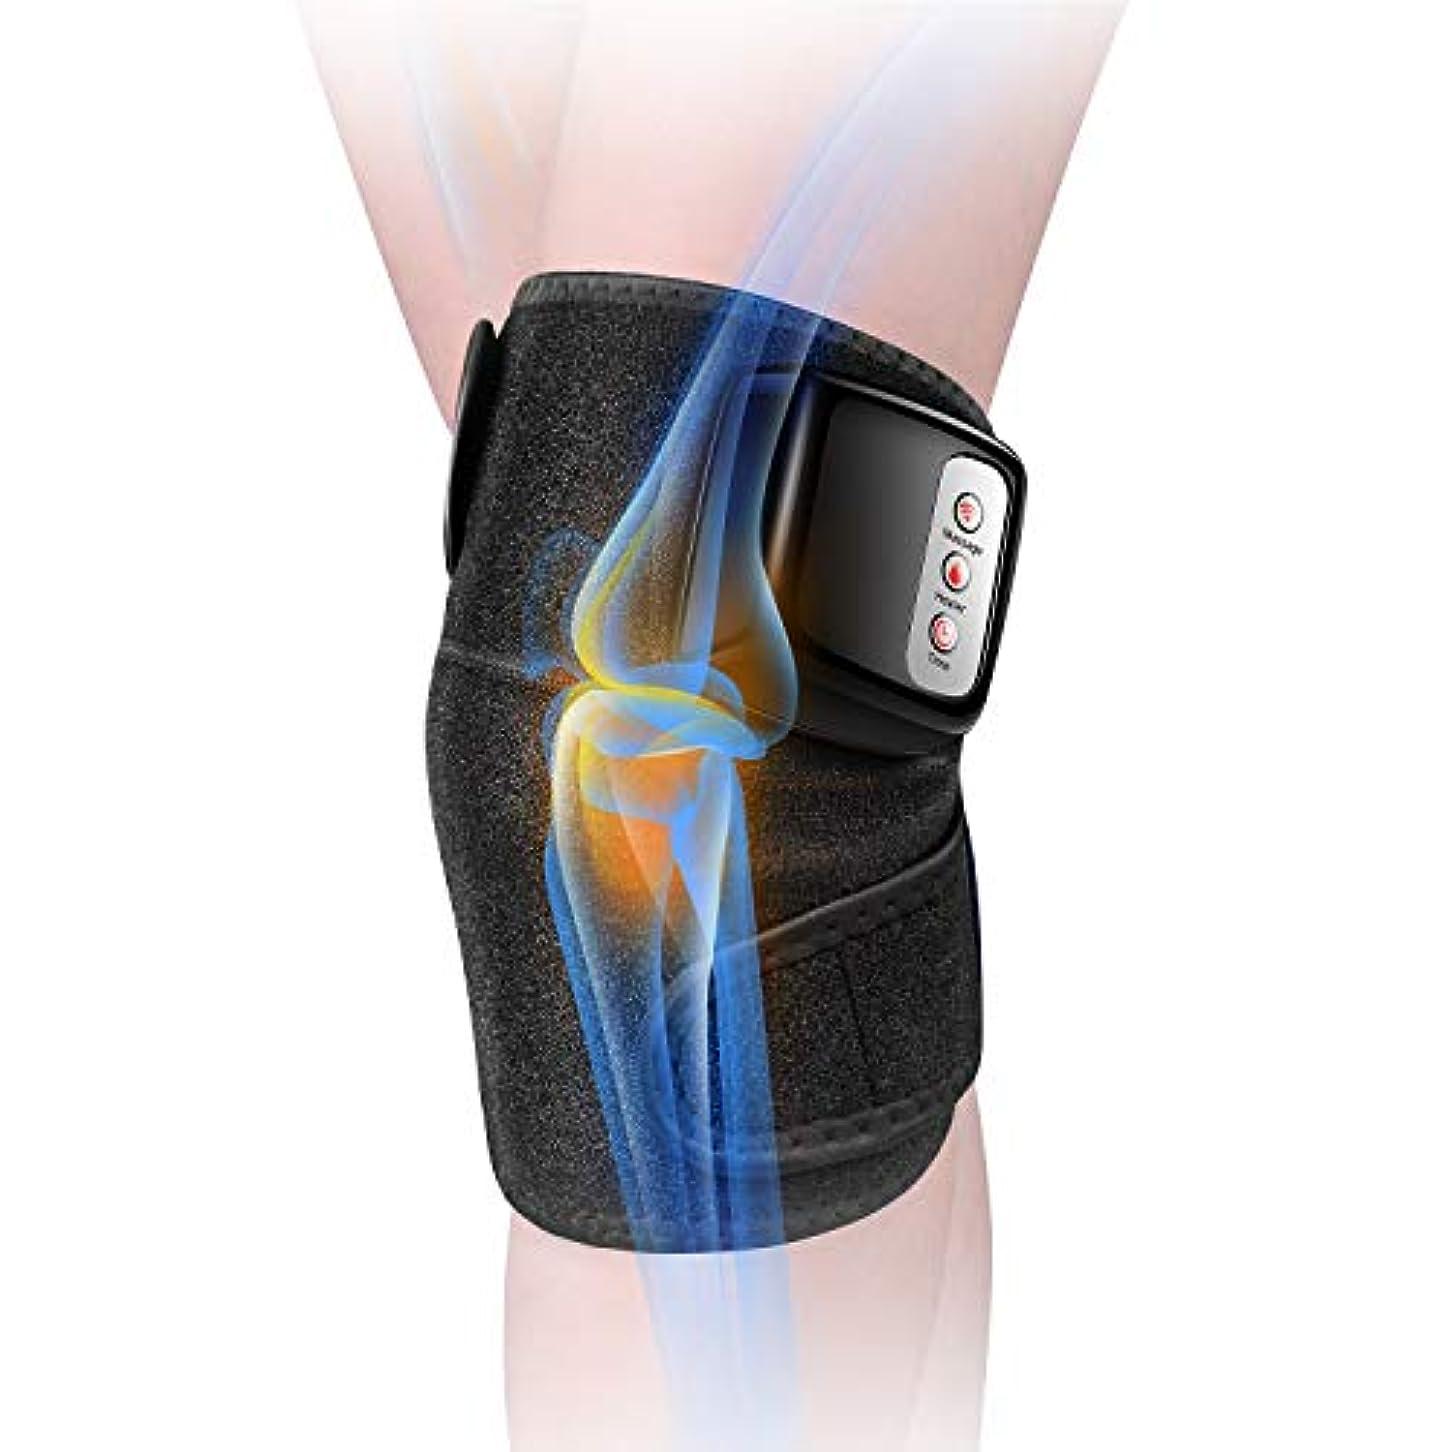 アルバニー王位ムスタチオ膝マッサージャー 関節マッサージャー マッサージ器 フットマッサージャー 振動 赤外線療法 温熱療法 膝サポーター ストレス解消 肩 太もも/腕対応